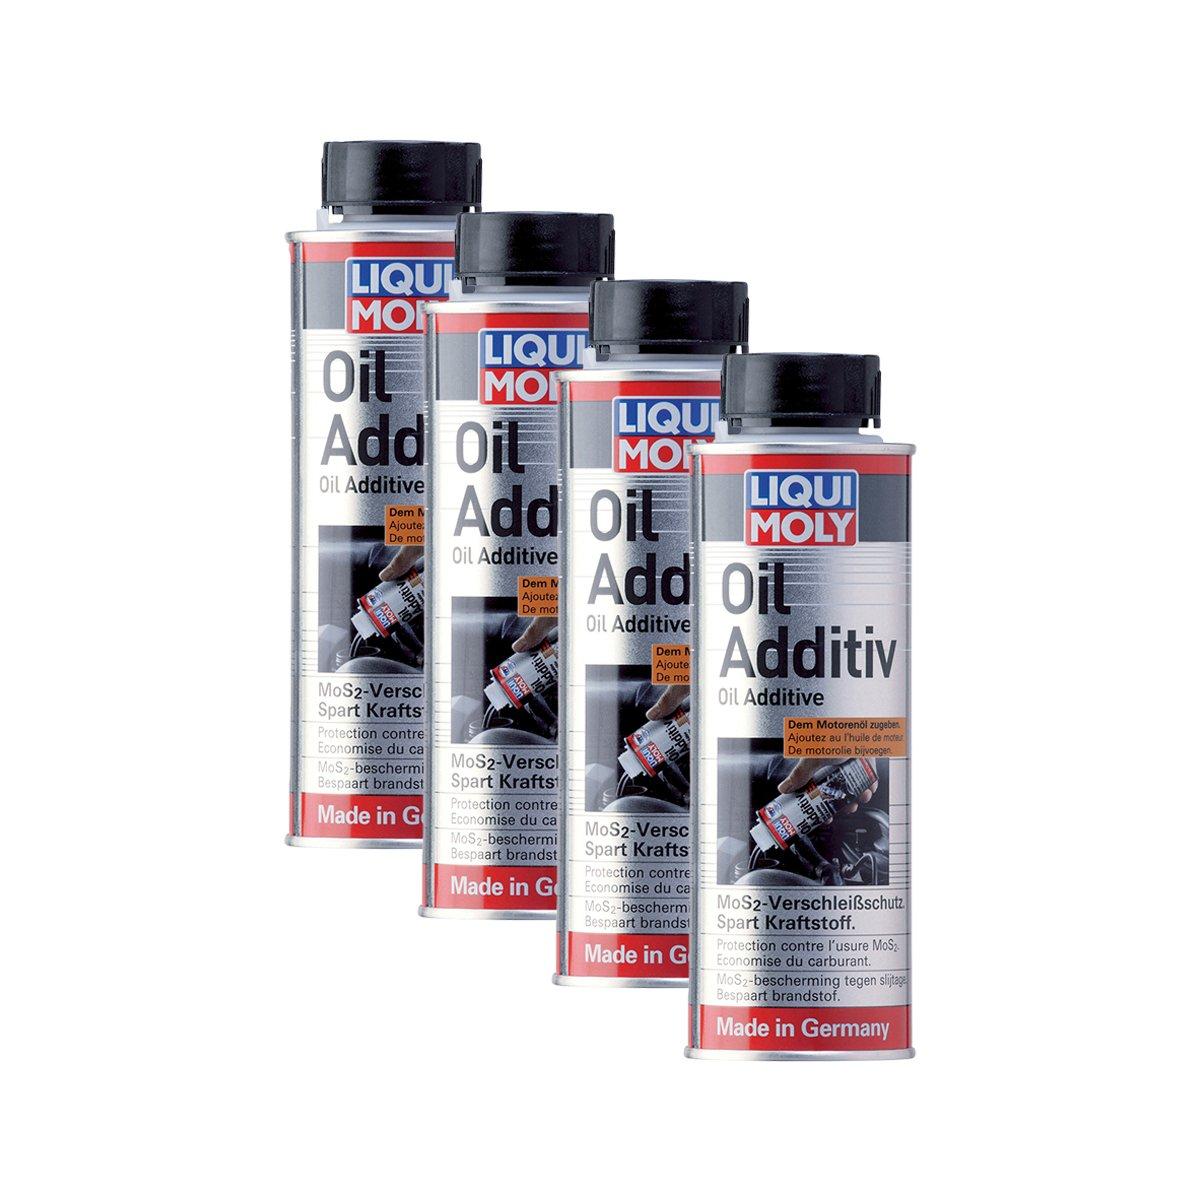 4 x Liqui Moly 1012 Oil additiv aceite adicional MoS2 verschl Hielo - Aceite de additiv 200: Amazon.es: Coche y moto